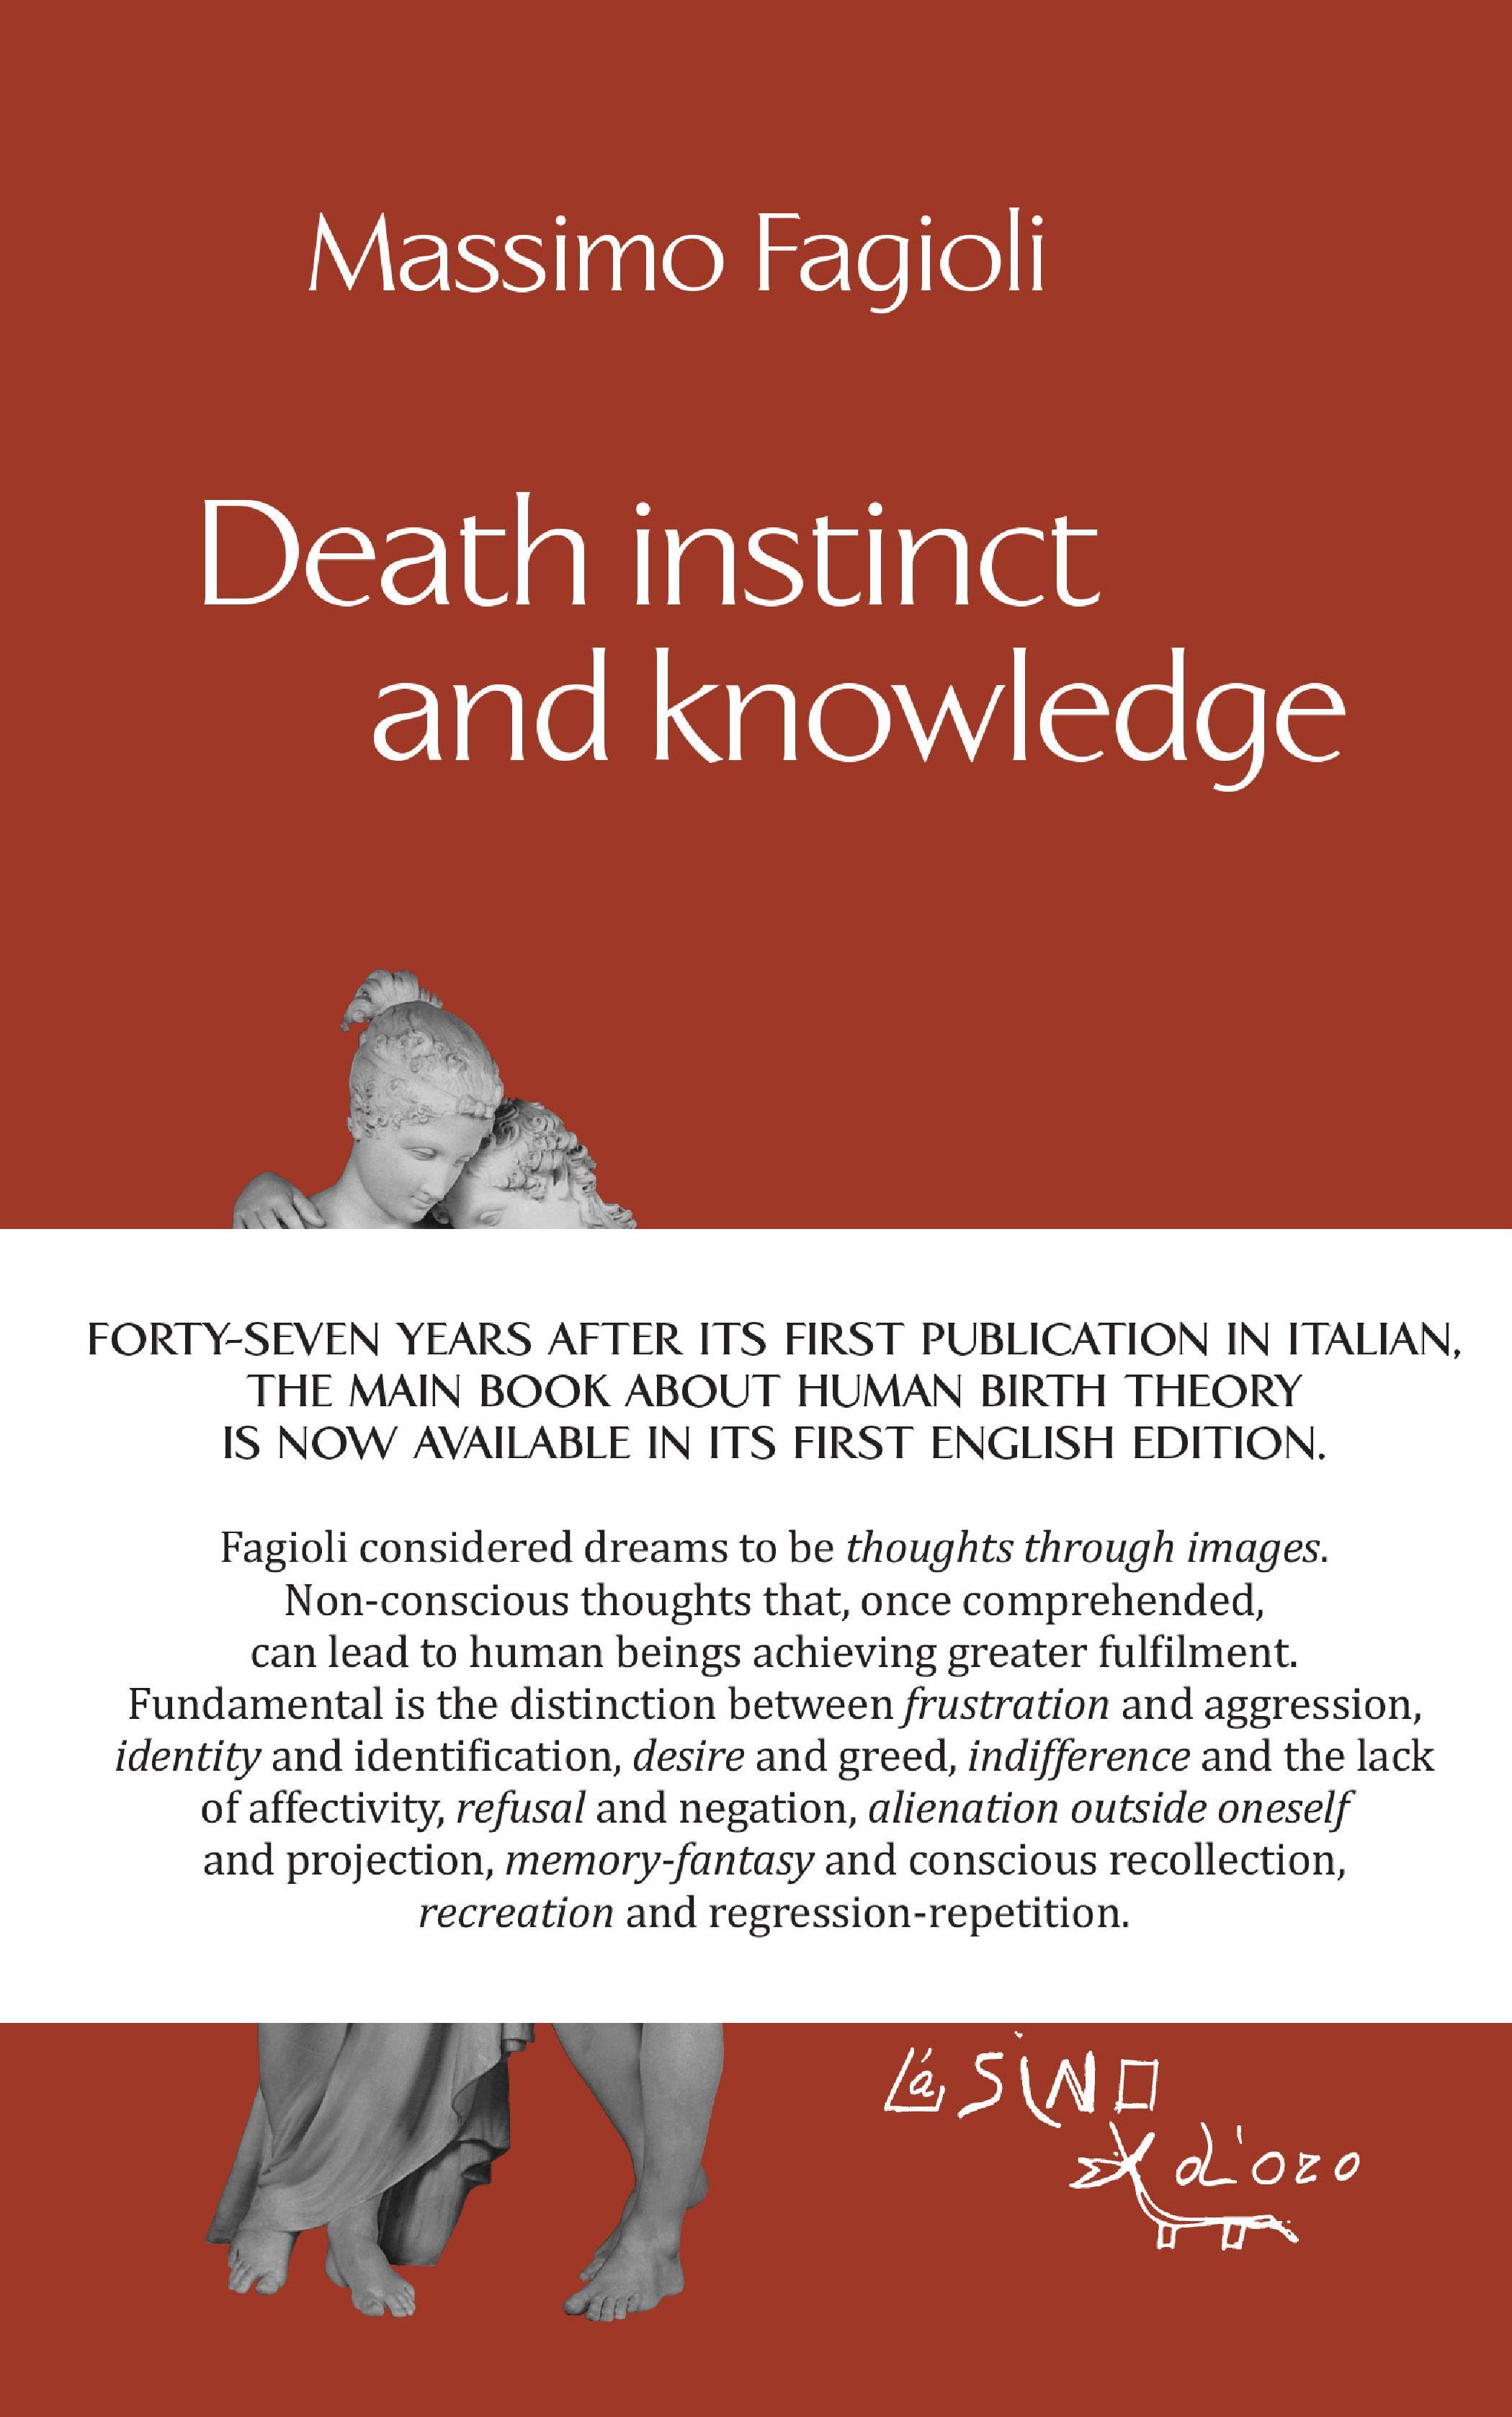 Death instinct and knowledge - [Fagioli, Massimo] - [Roma : L'asino d'oro edizioni, 2019.]